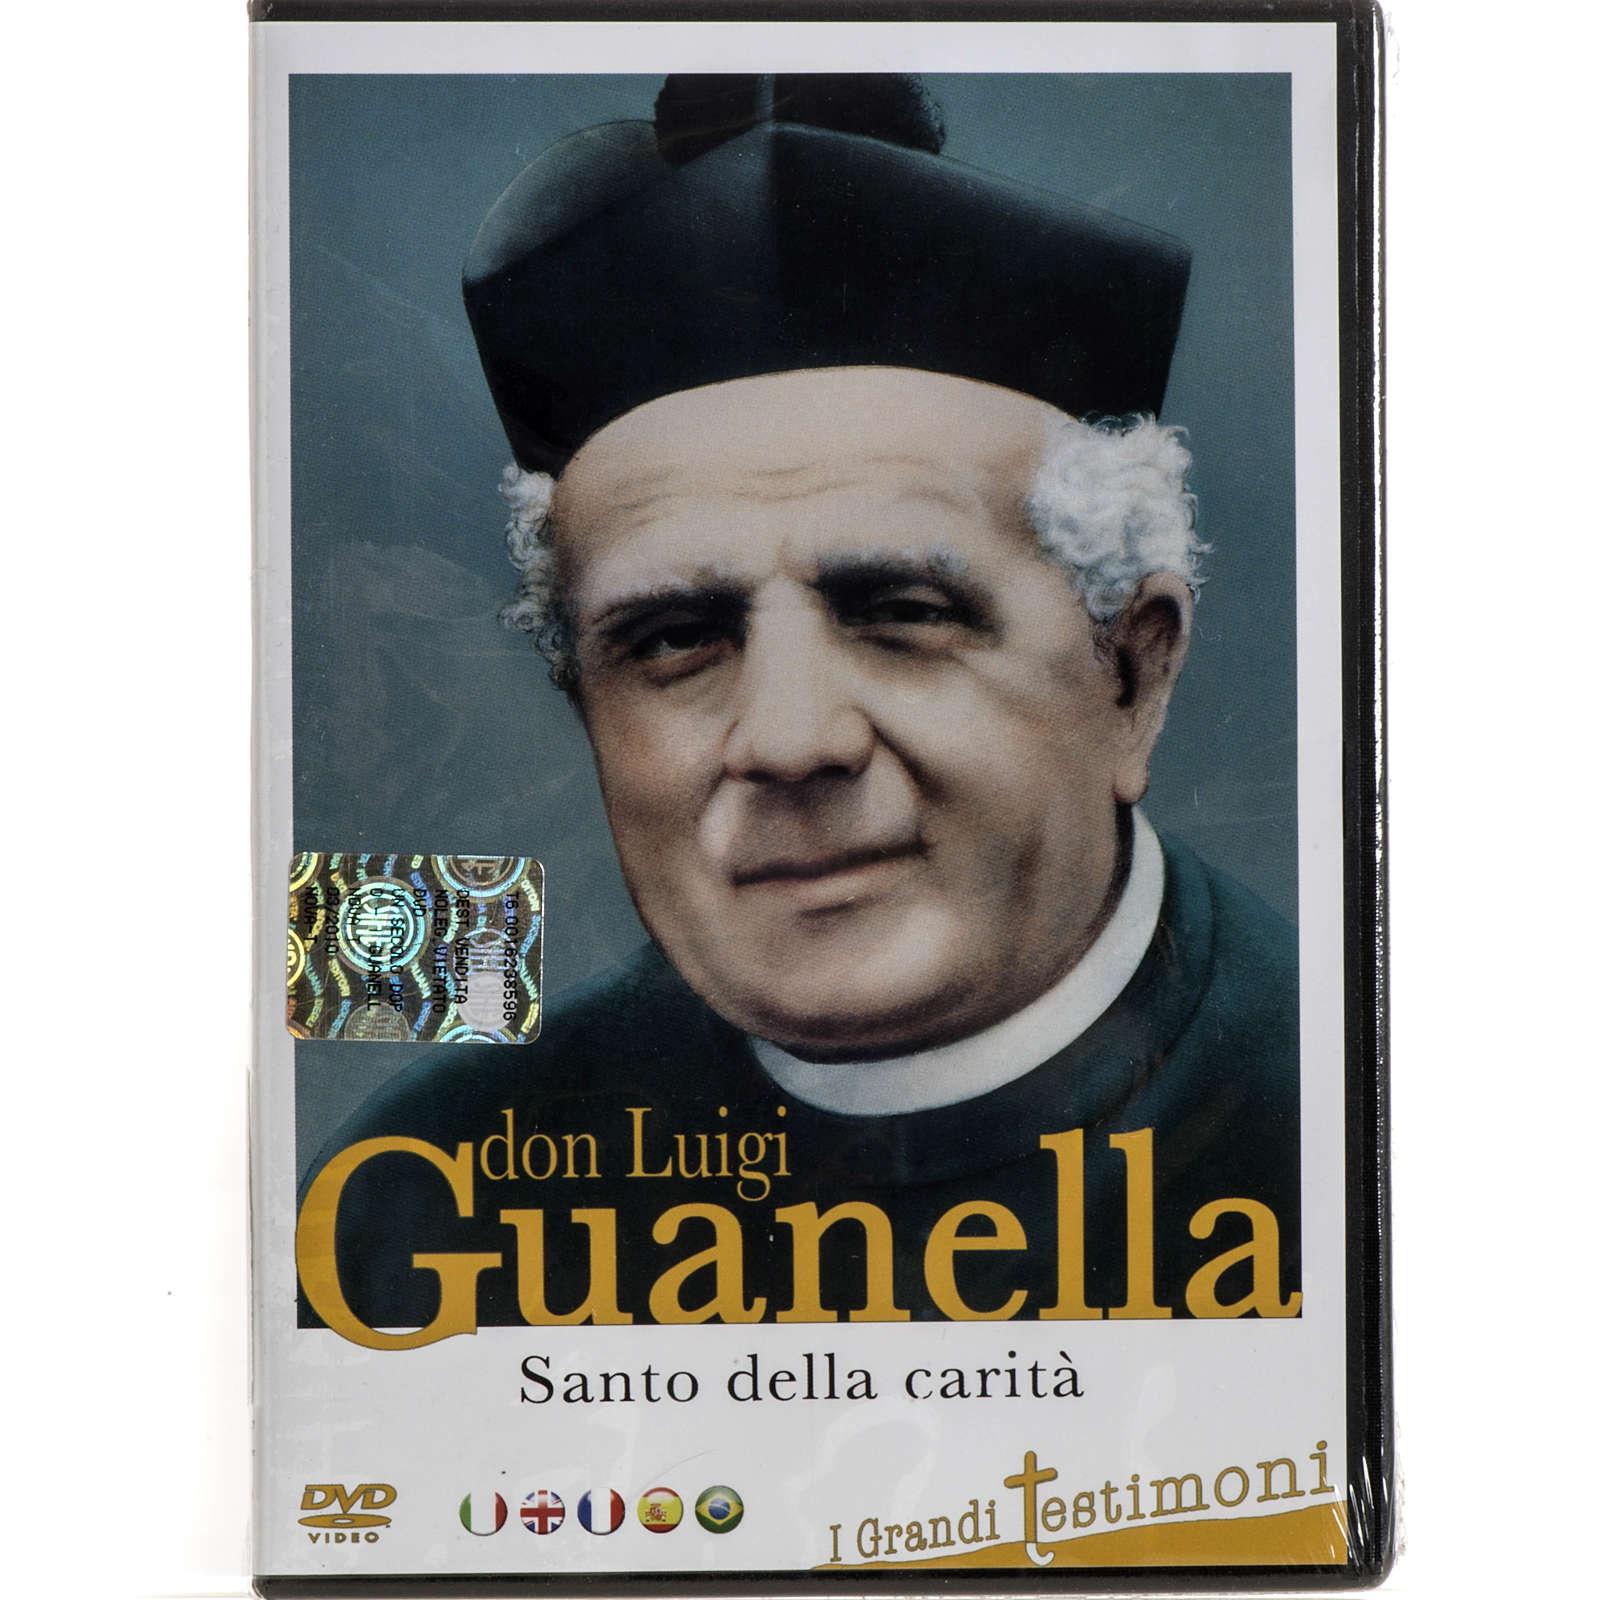 Don Luigi Guanella - Santo della carità 3